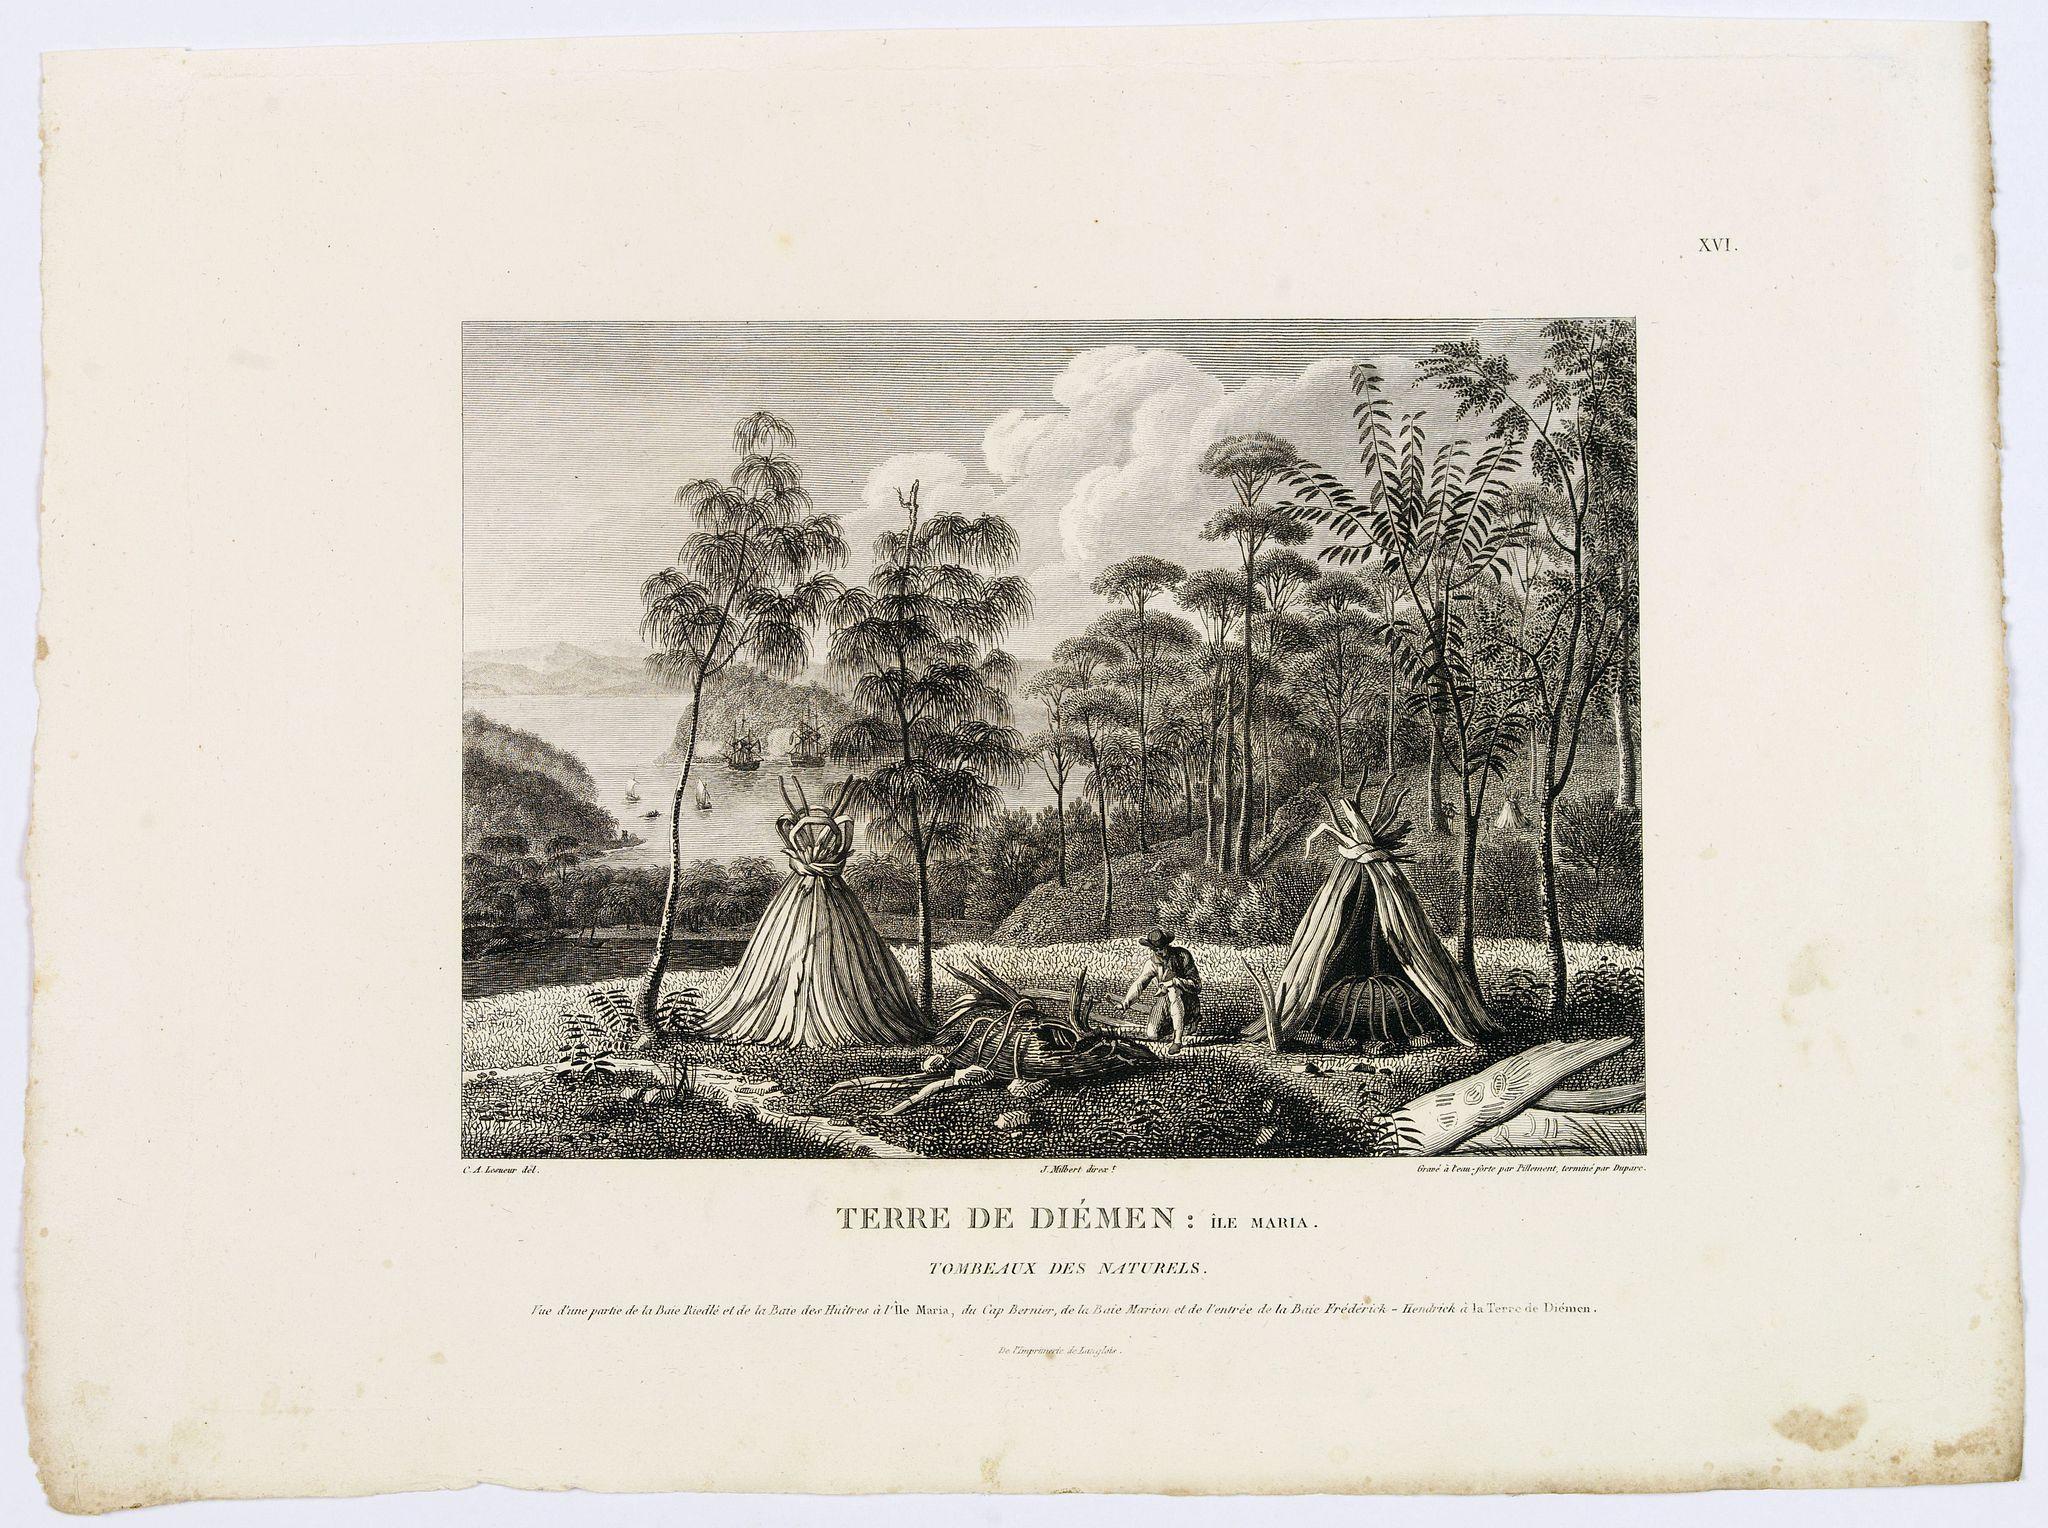 LESUEUR, C-A. / PERON, F. -  Terre de Diemen: Ile Maria. Tombeaux des Naturels. [plate XVI]